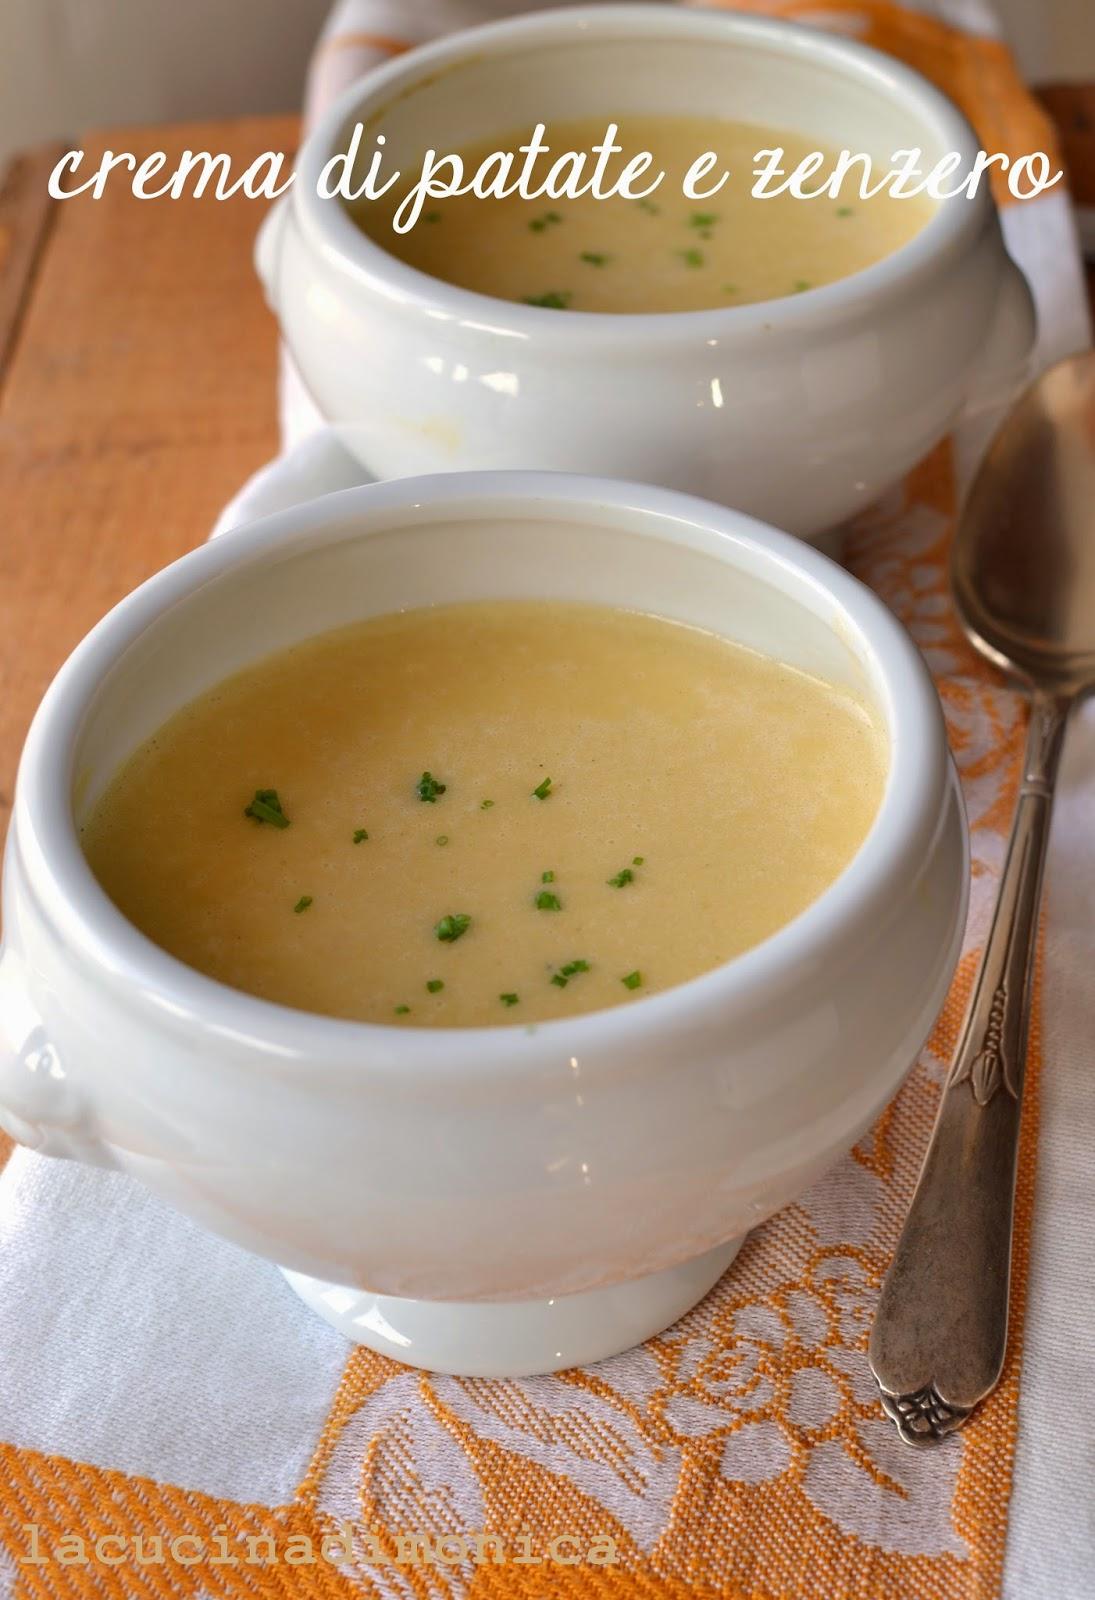 crema di patate e zenzero